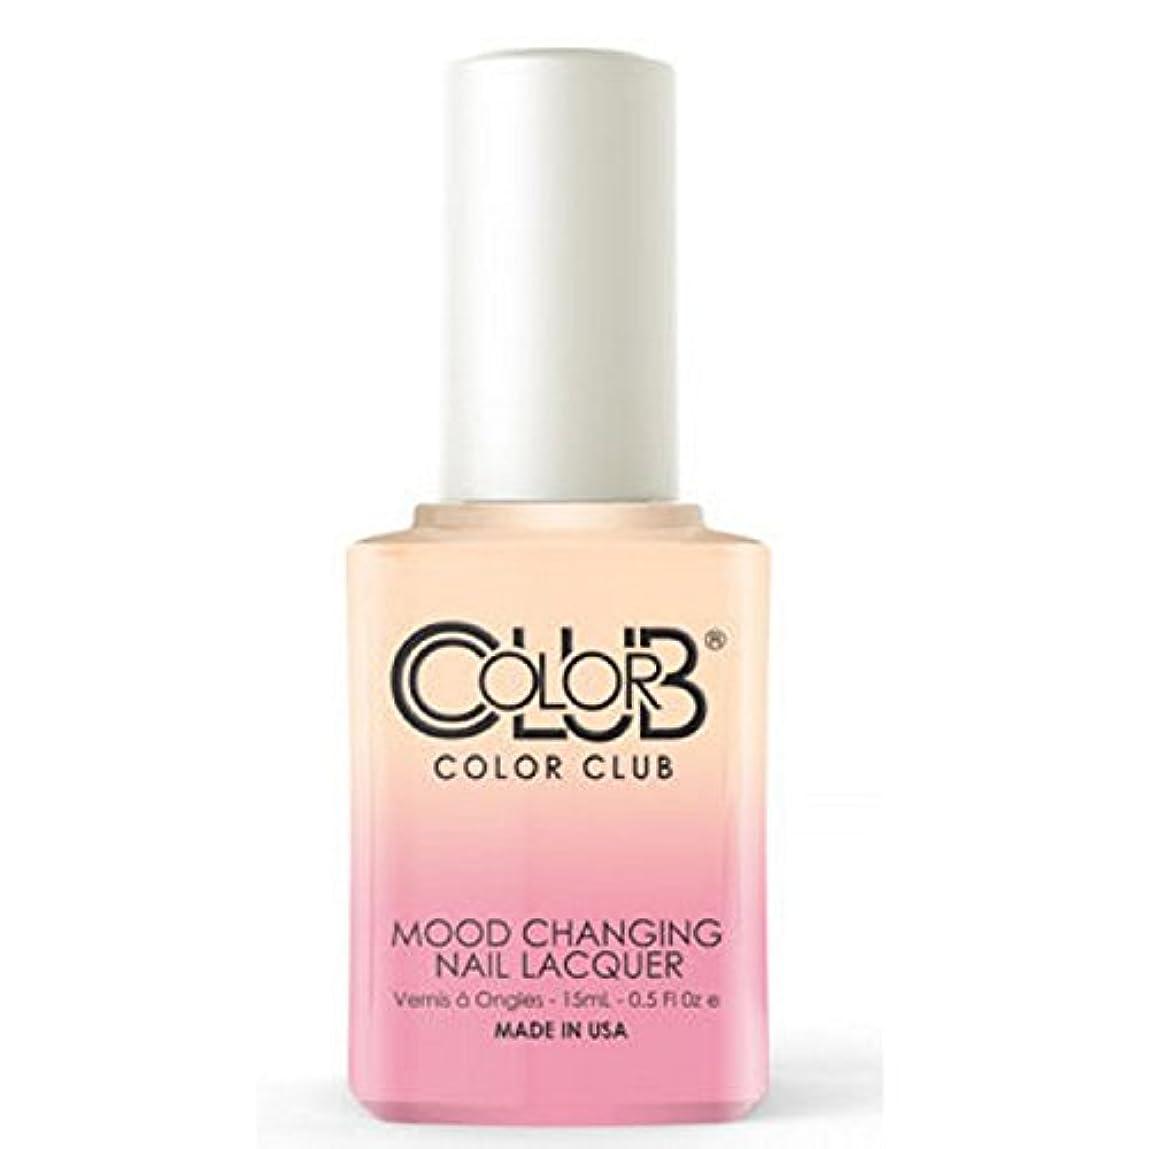 着る液体胚Color Club Mood Changing Nail Lacquer - Old Soul - 15 mL / 0.5 fl oz